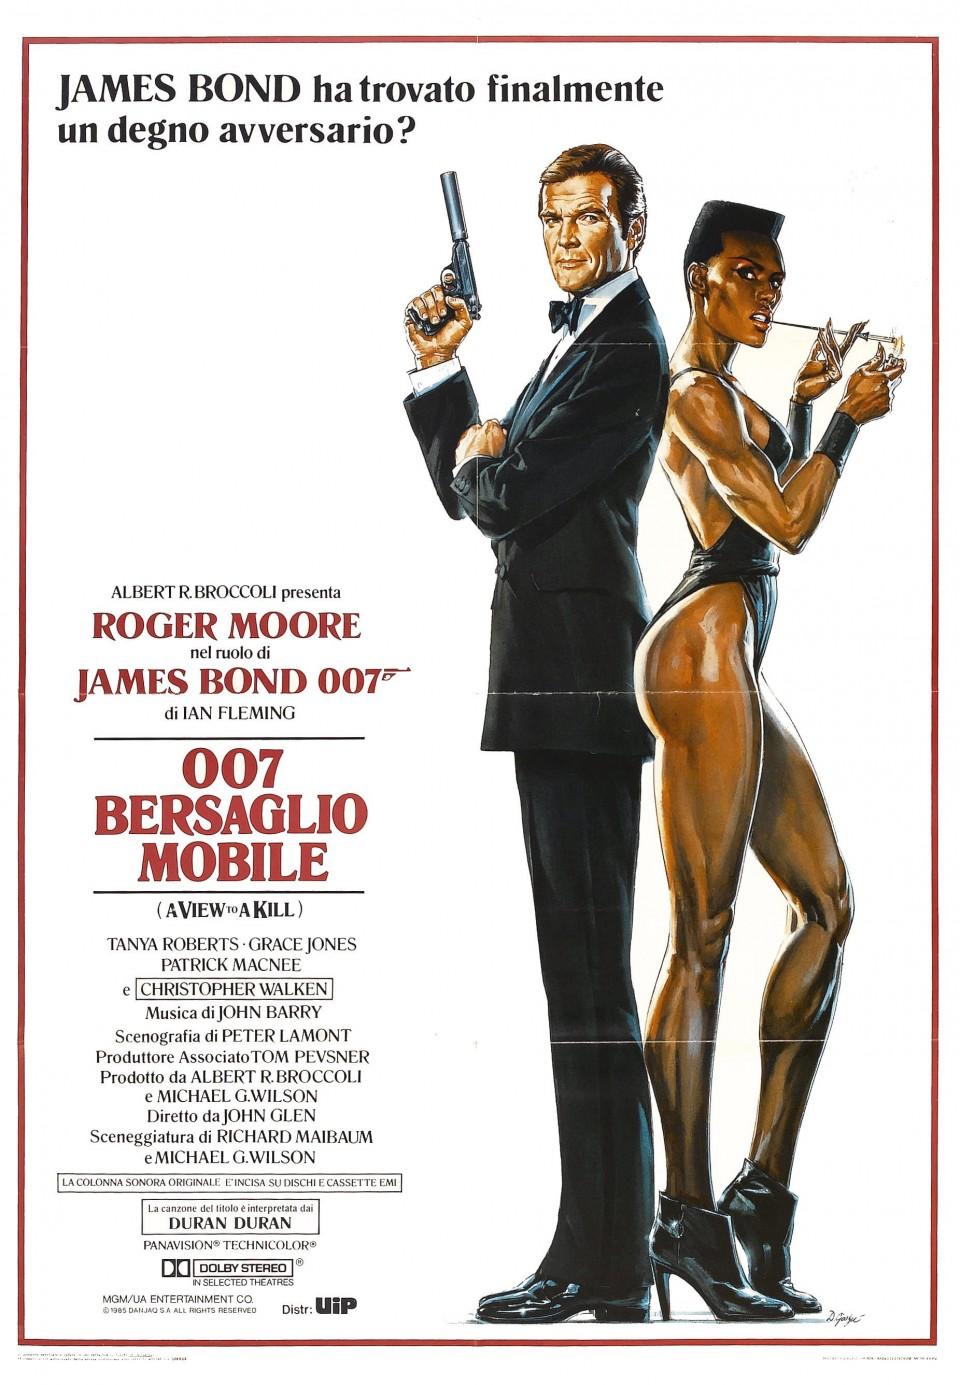 007 - 14 Bersaglio Mobile